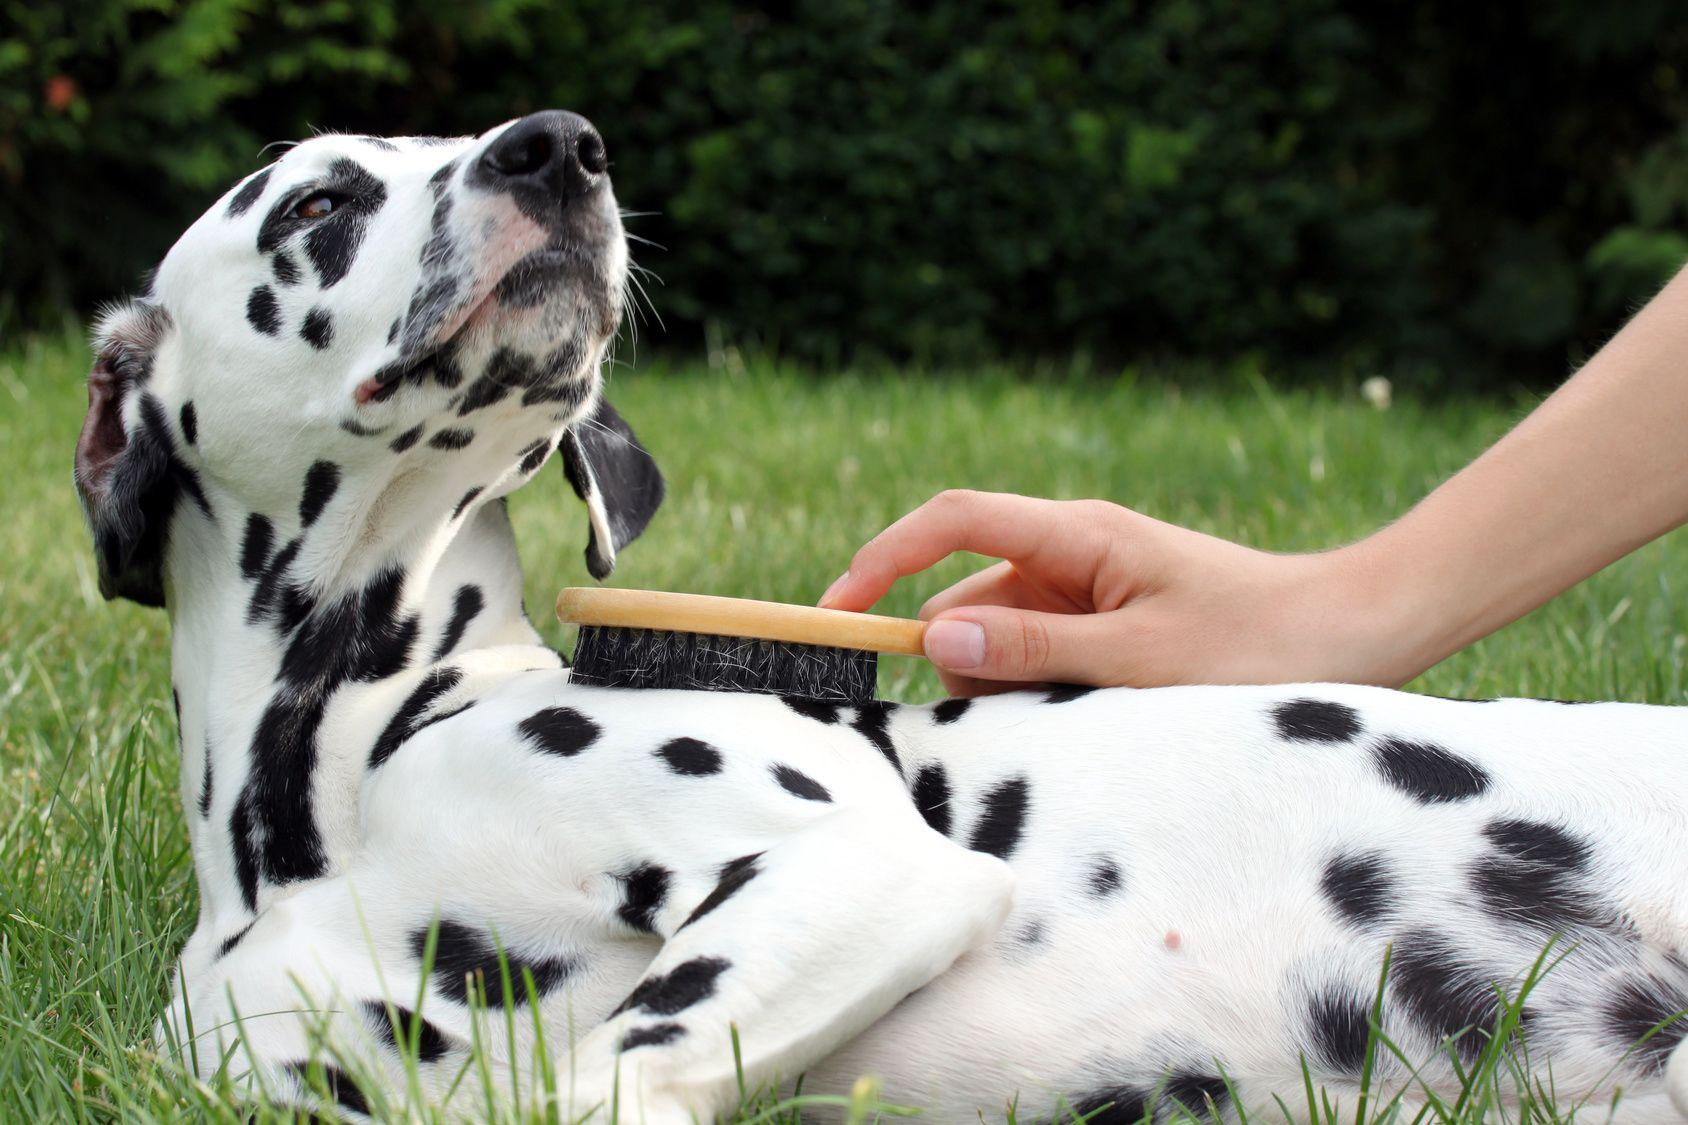 Hund geniet die Fellpflege mit Brste drauen